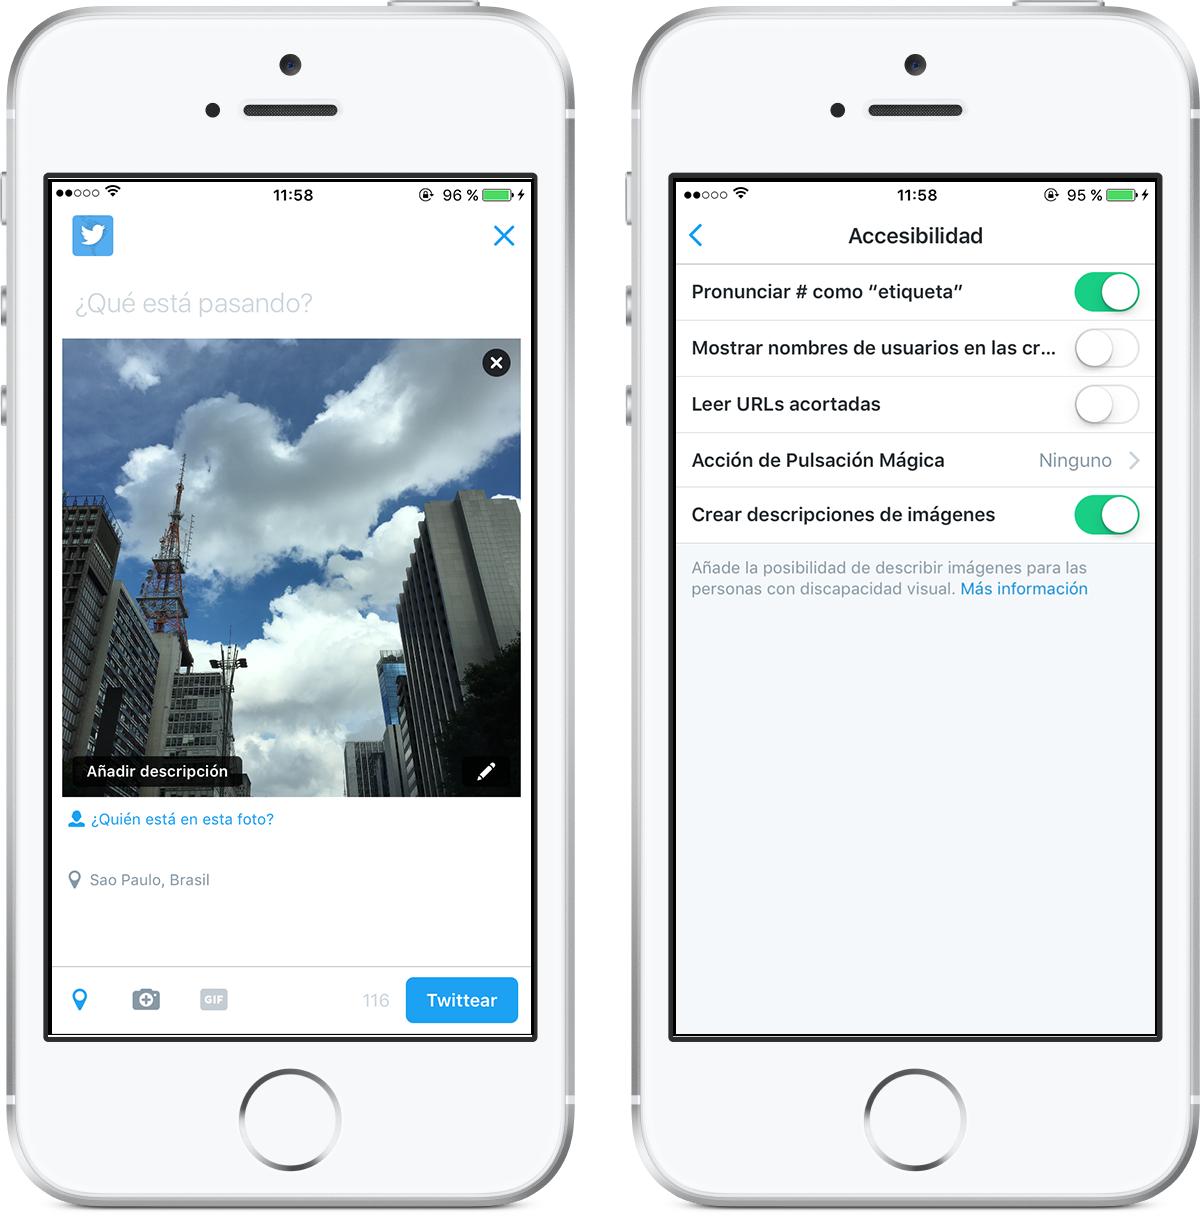 anuncios-en-twitter-accesibilidad